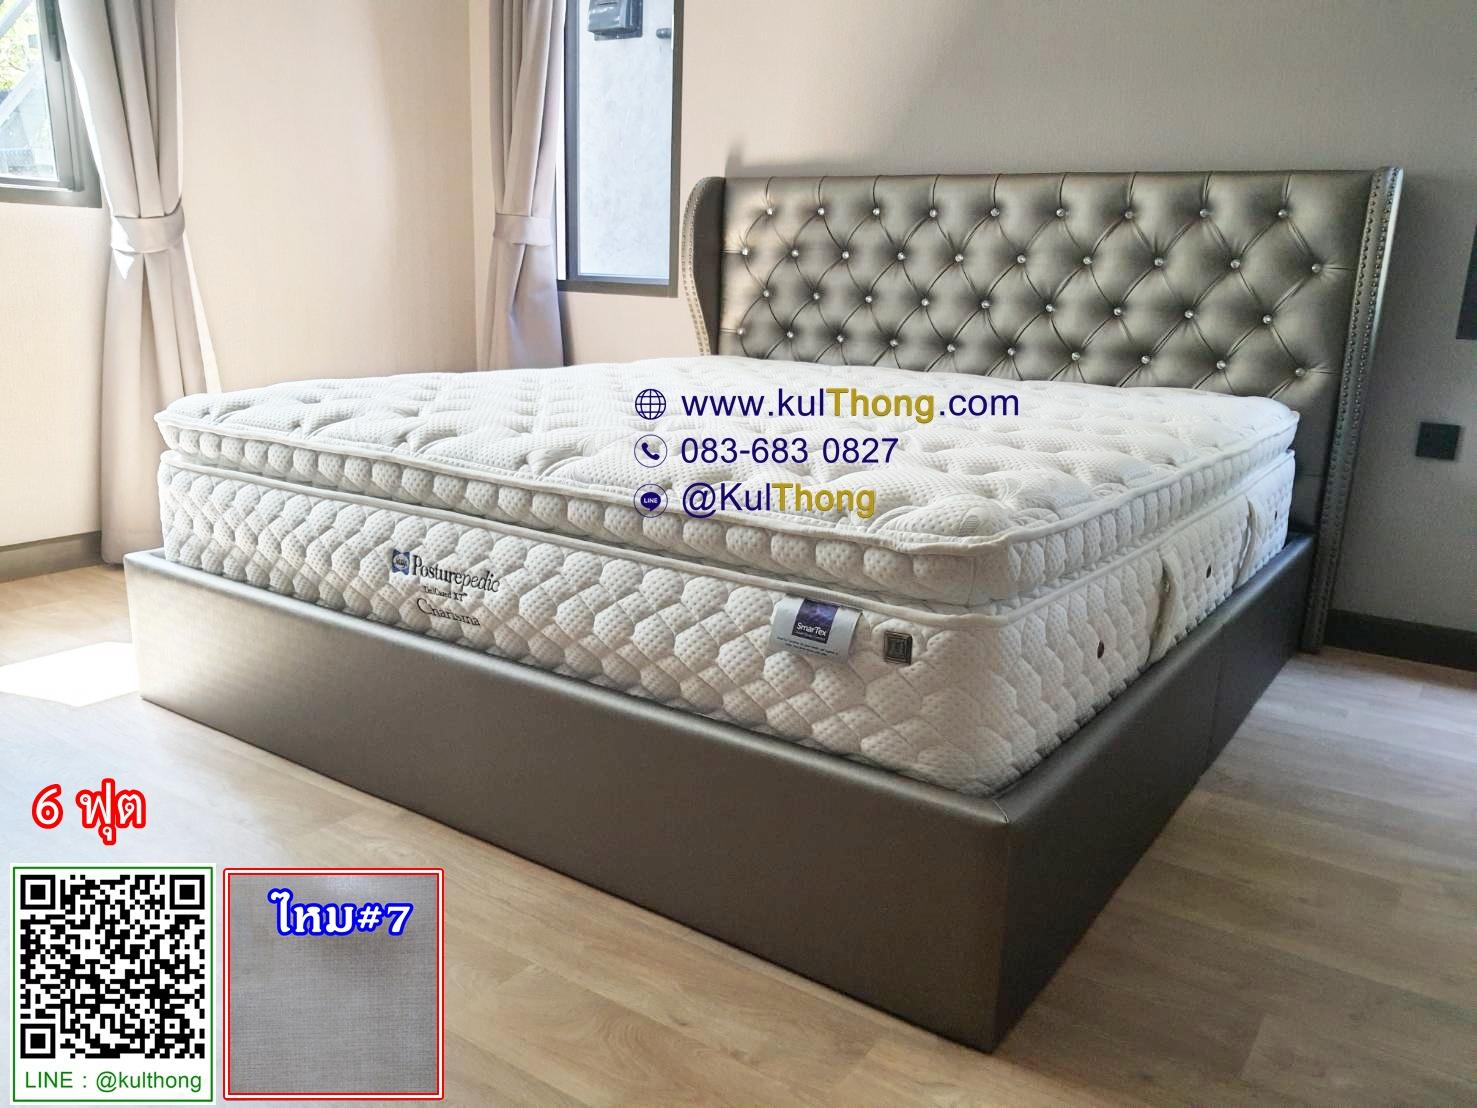 เตียงดึงกระดุม เตียงหุ้มหนัง ฐานรองที่นอน